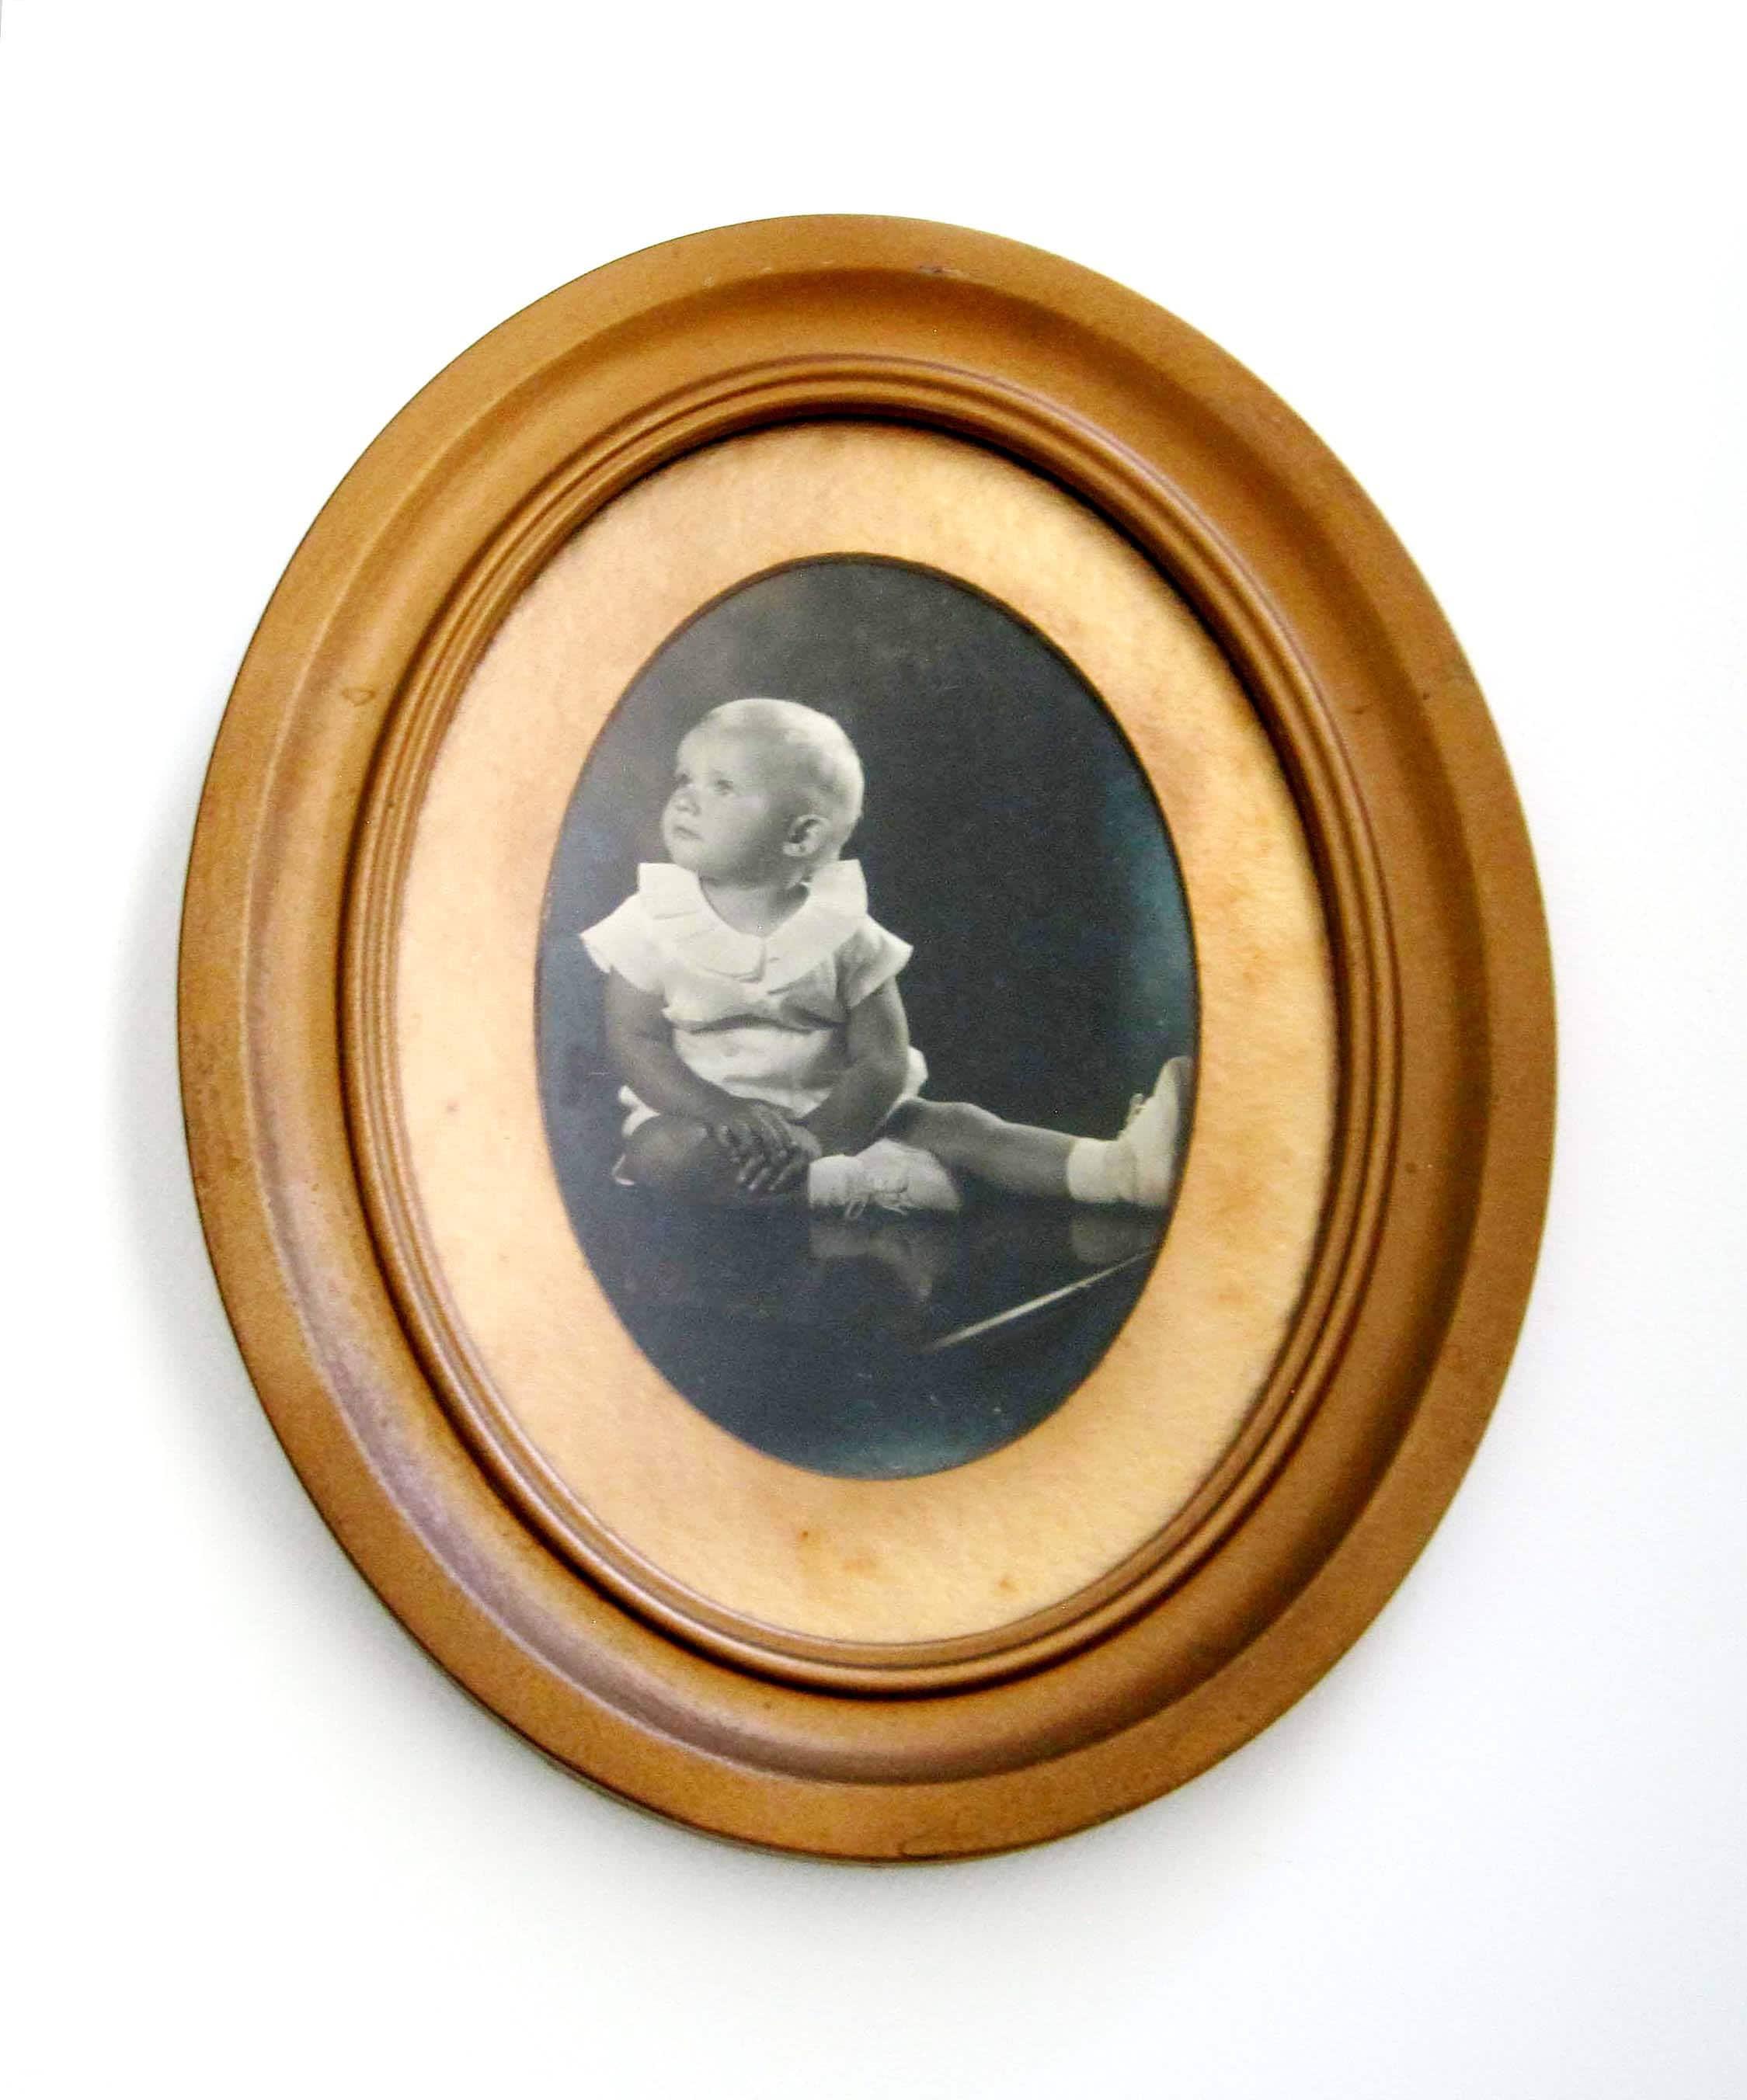 Vintage Oval Frame, Gold Metal Frame, Baby Picture, Gold Oval Frame ...